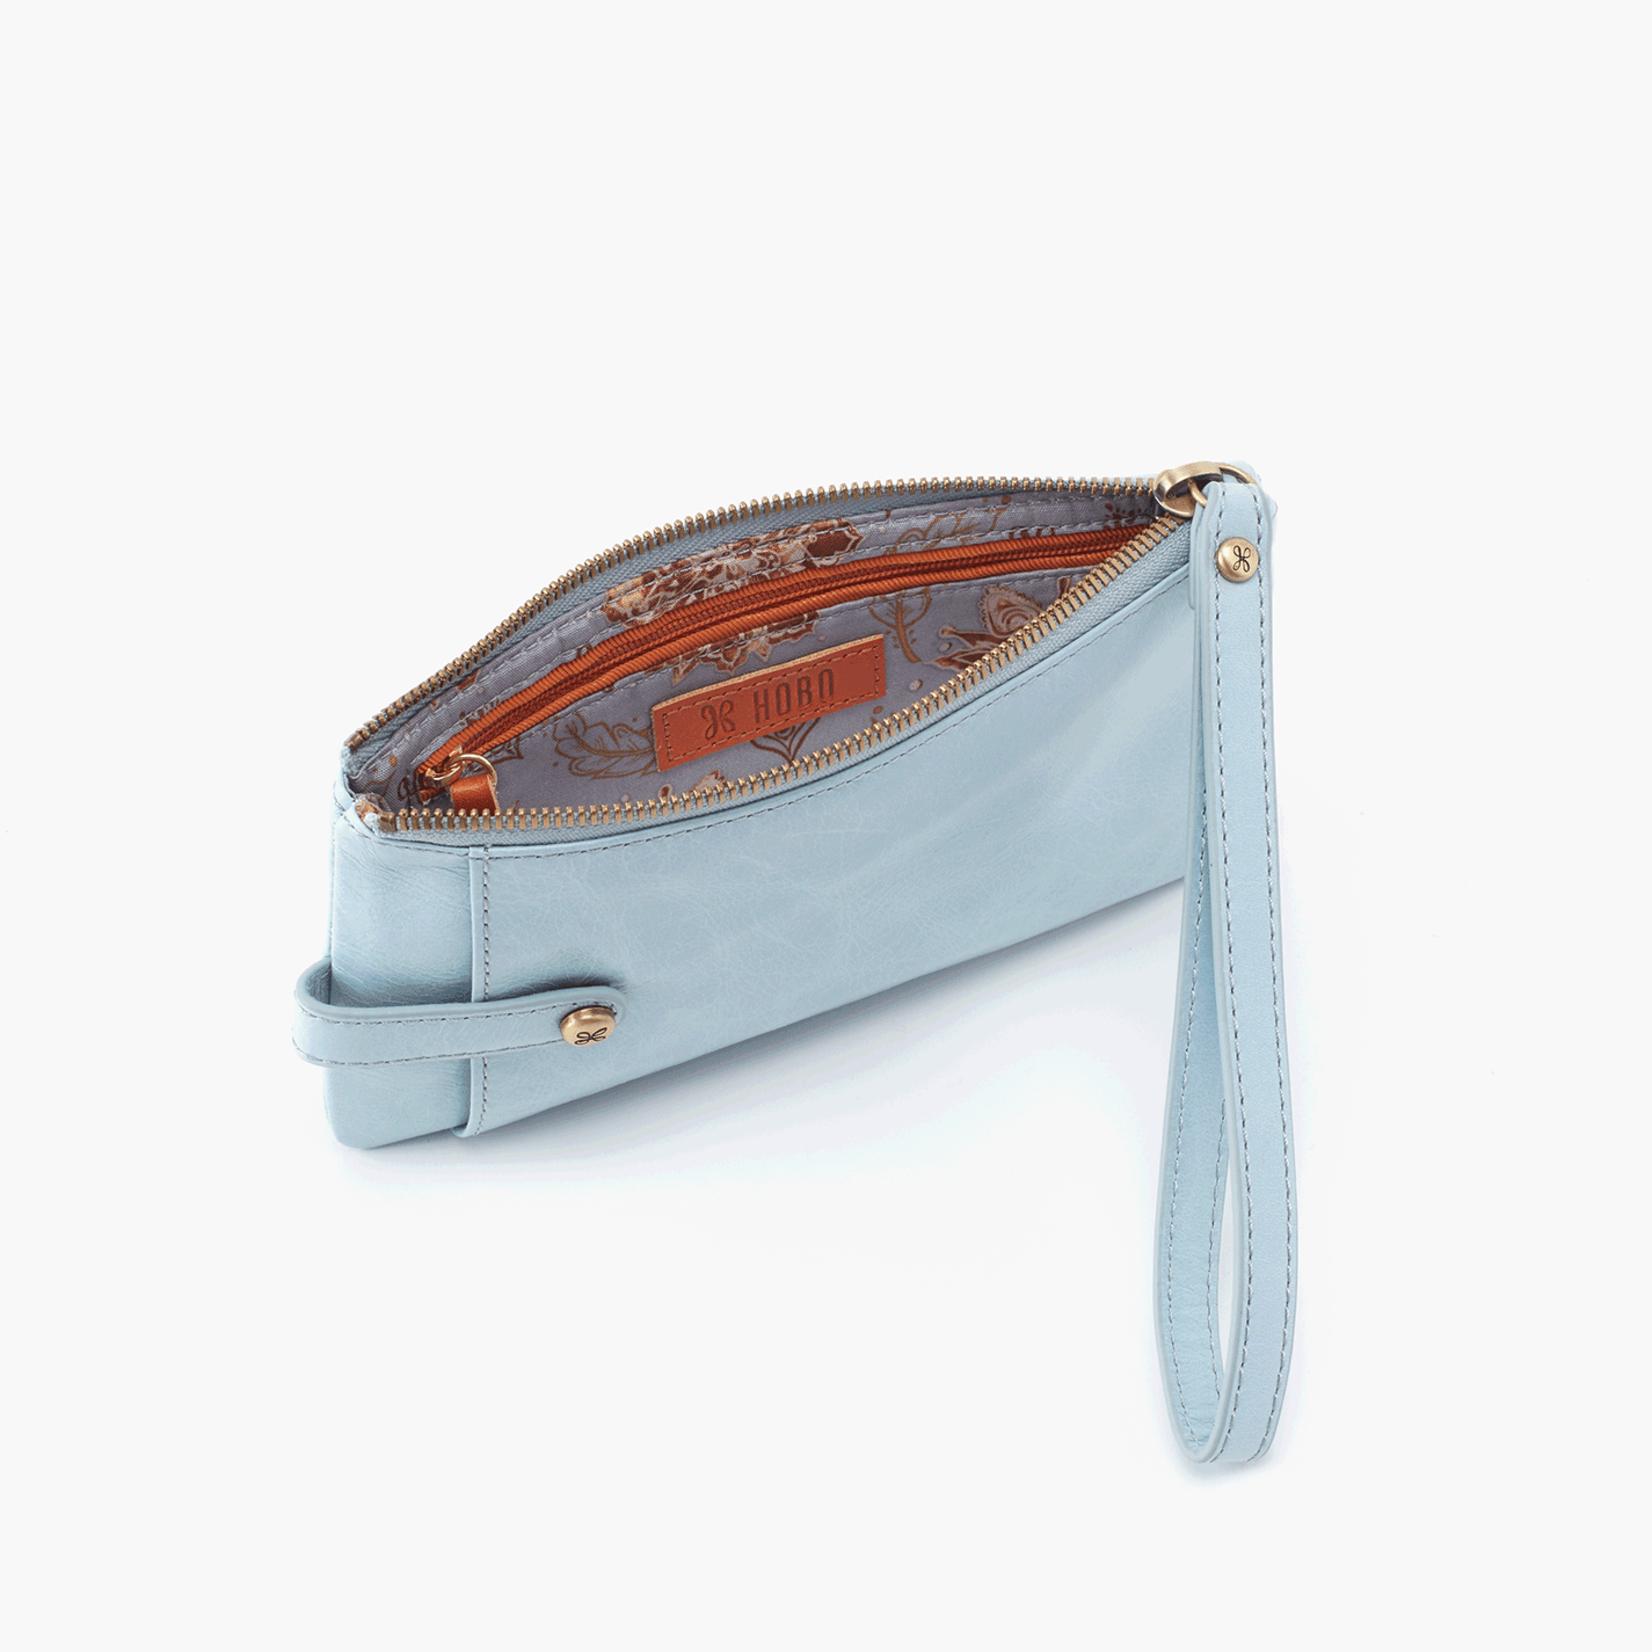 HOBO King Whisper Blue Vintage Hide Leather Wristlet